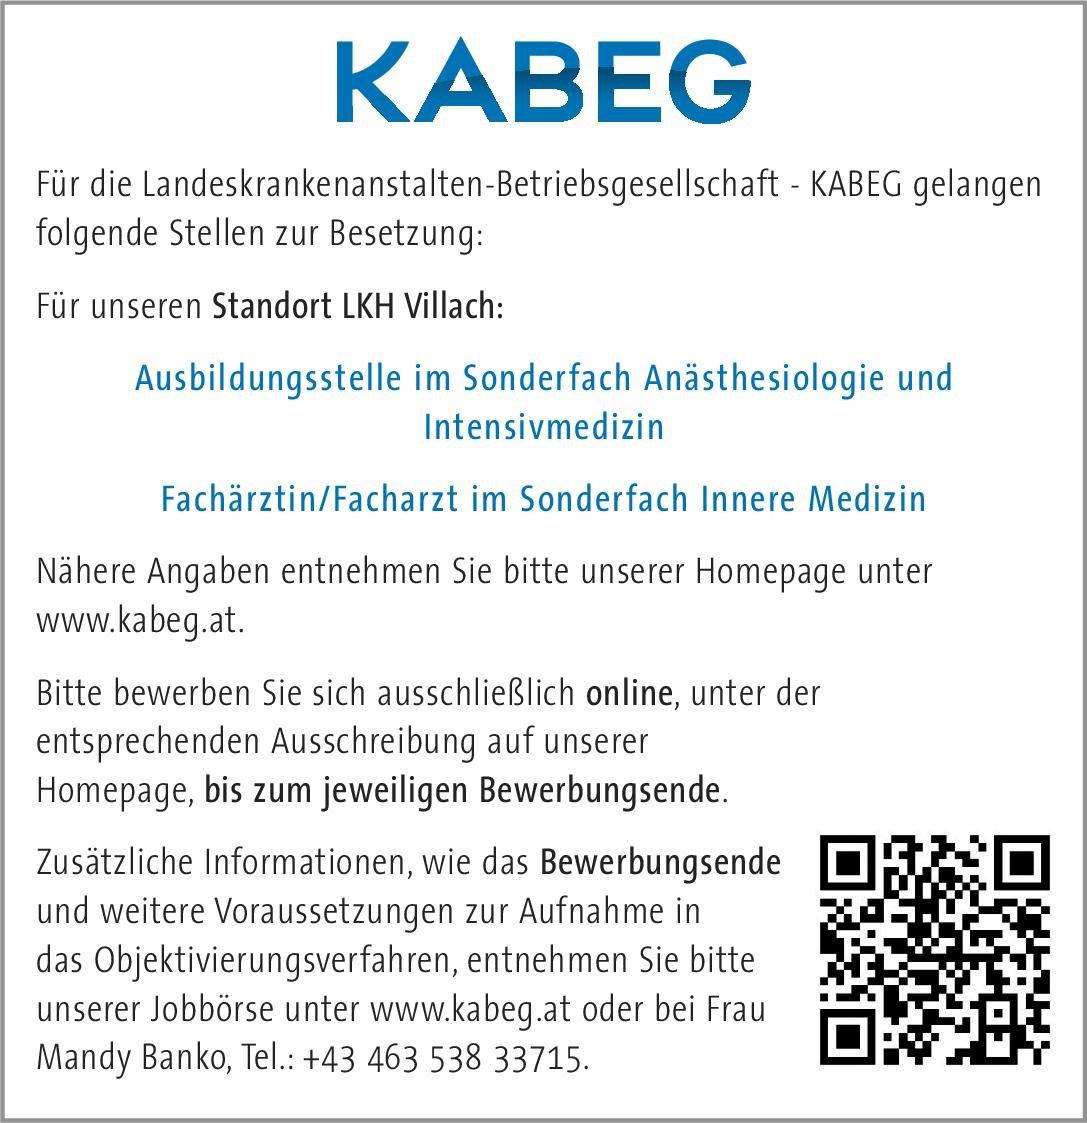 Landeskrankenanstalten-Betriebsgesellschaft - KABEG Fachärztin/Facharzt im Sonderfach Innere Medizin  Innere Medizin, Innere Medizin Arzt / Facharzt